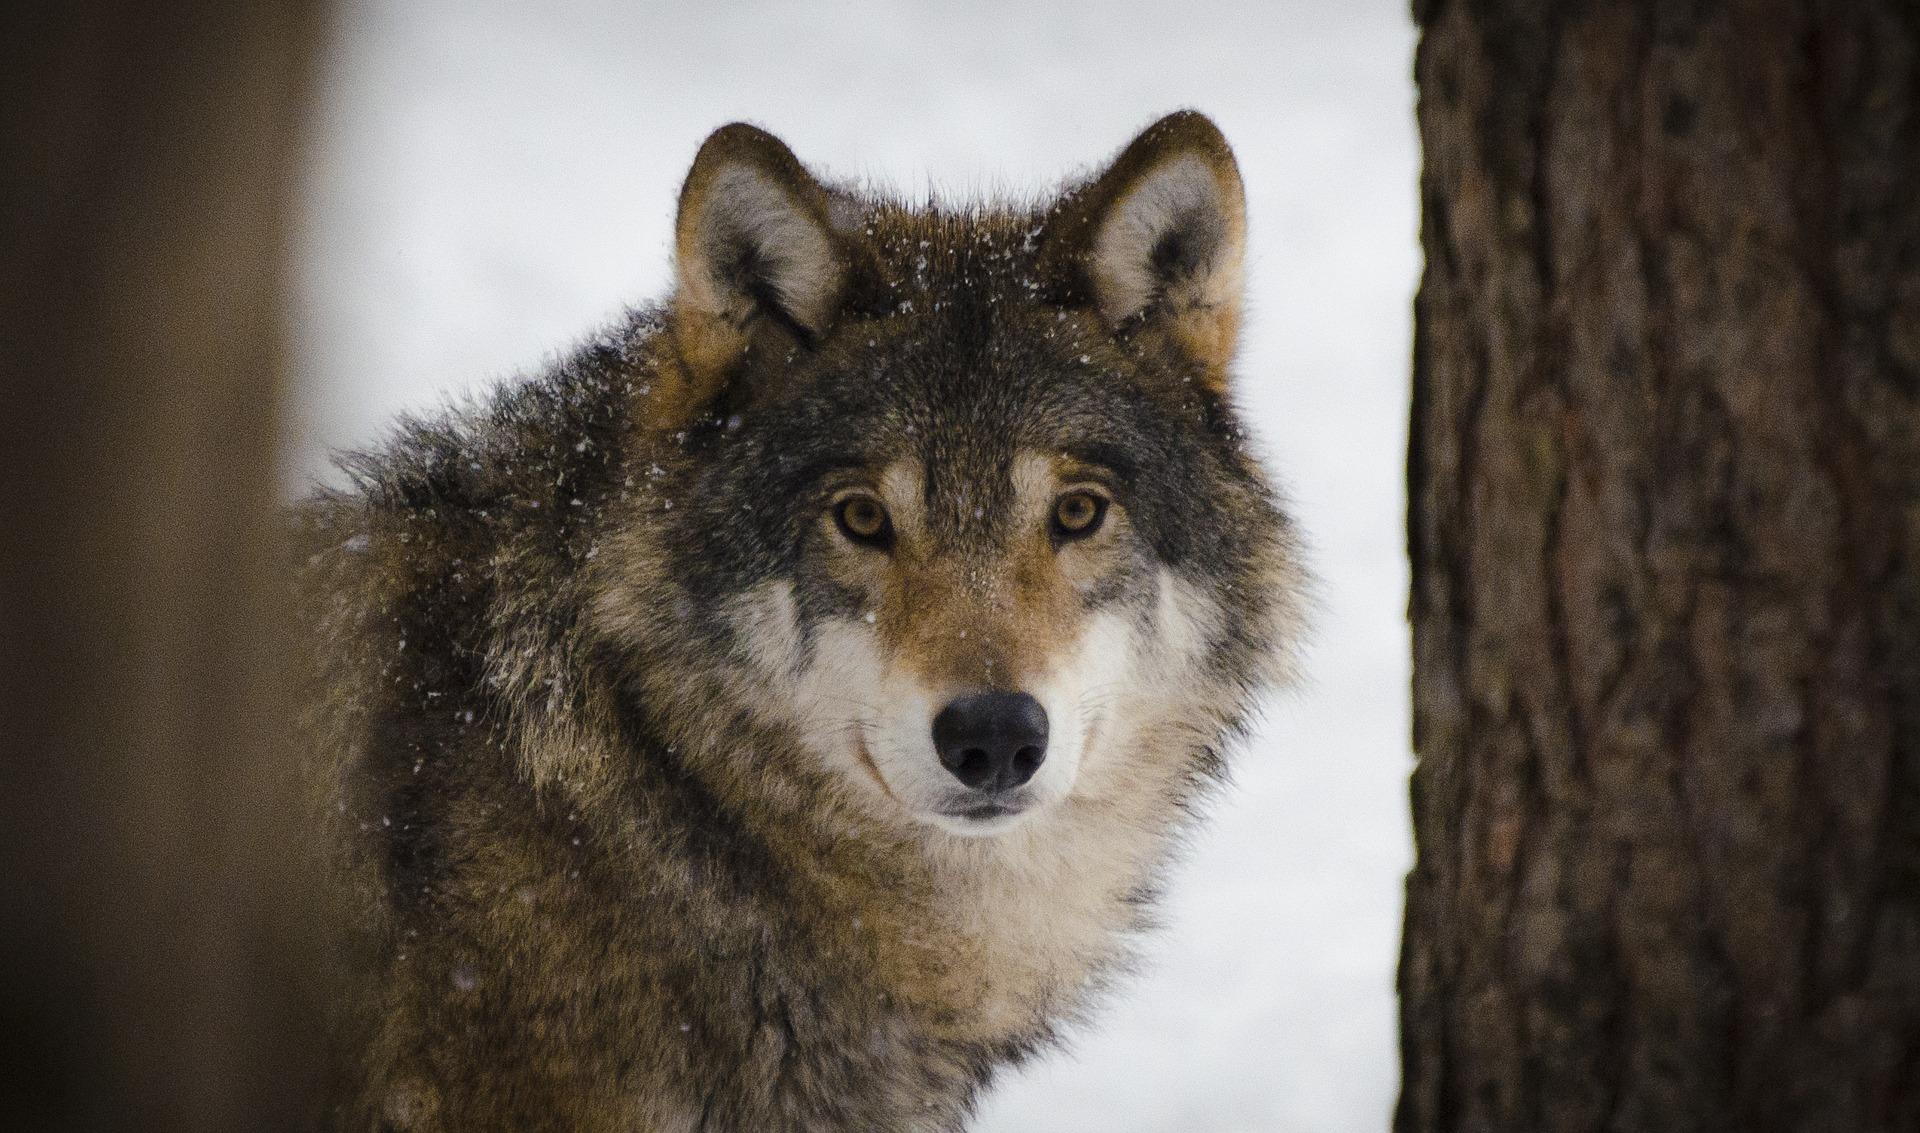 Wolf, image courtesy Pixabay